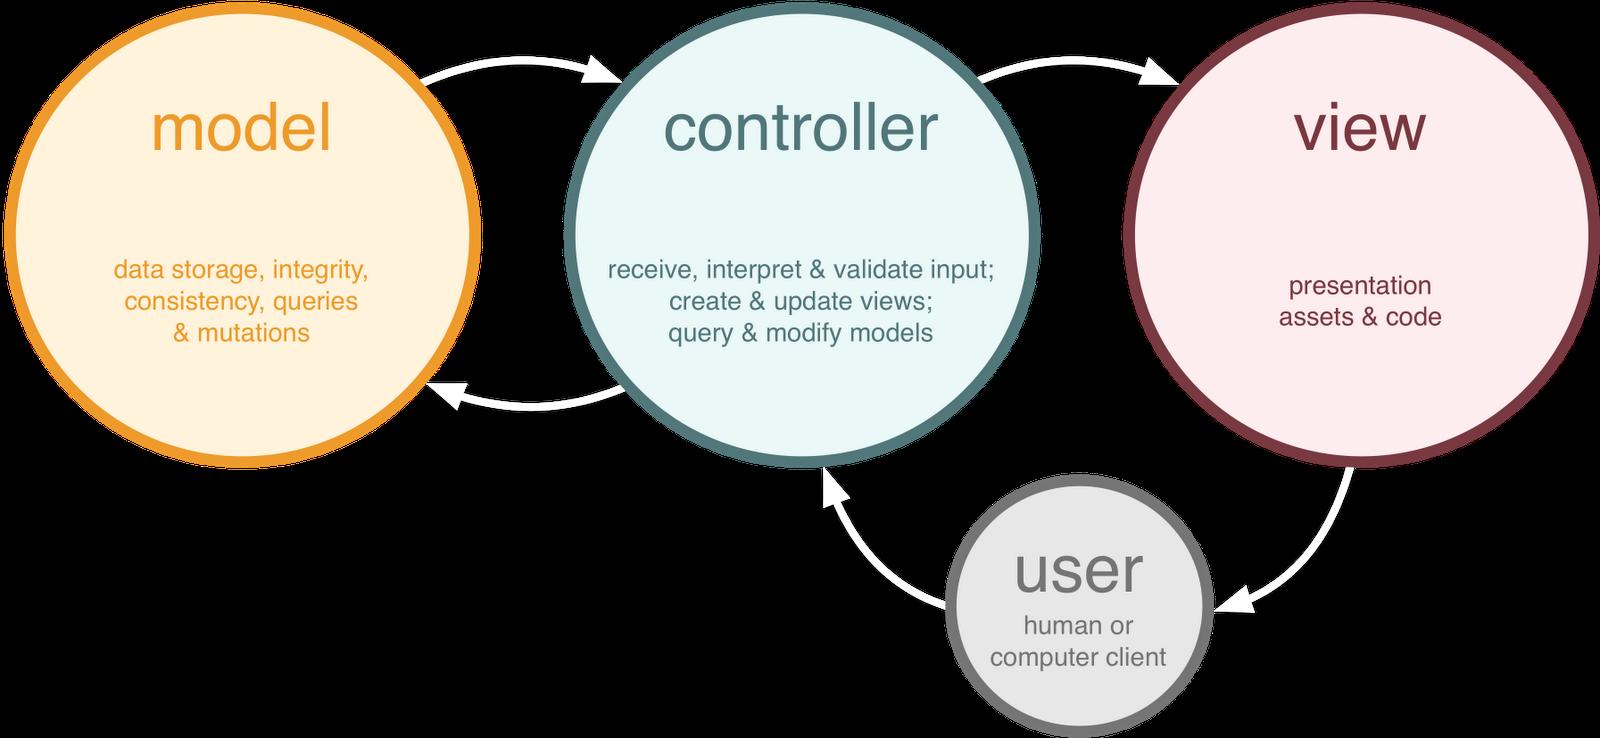 Tạo ứng dụng theo mô hình MVC với JavaJspServlet